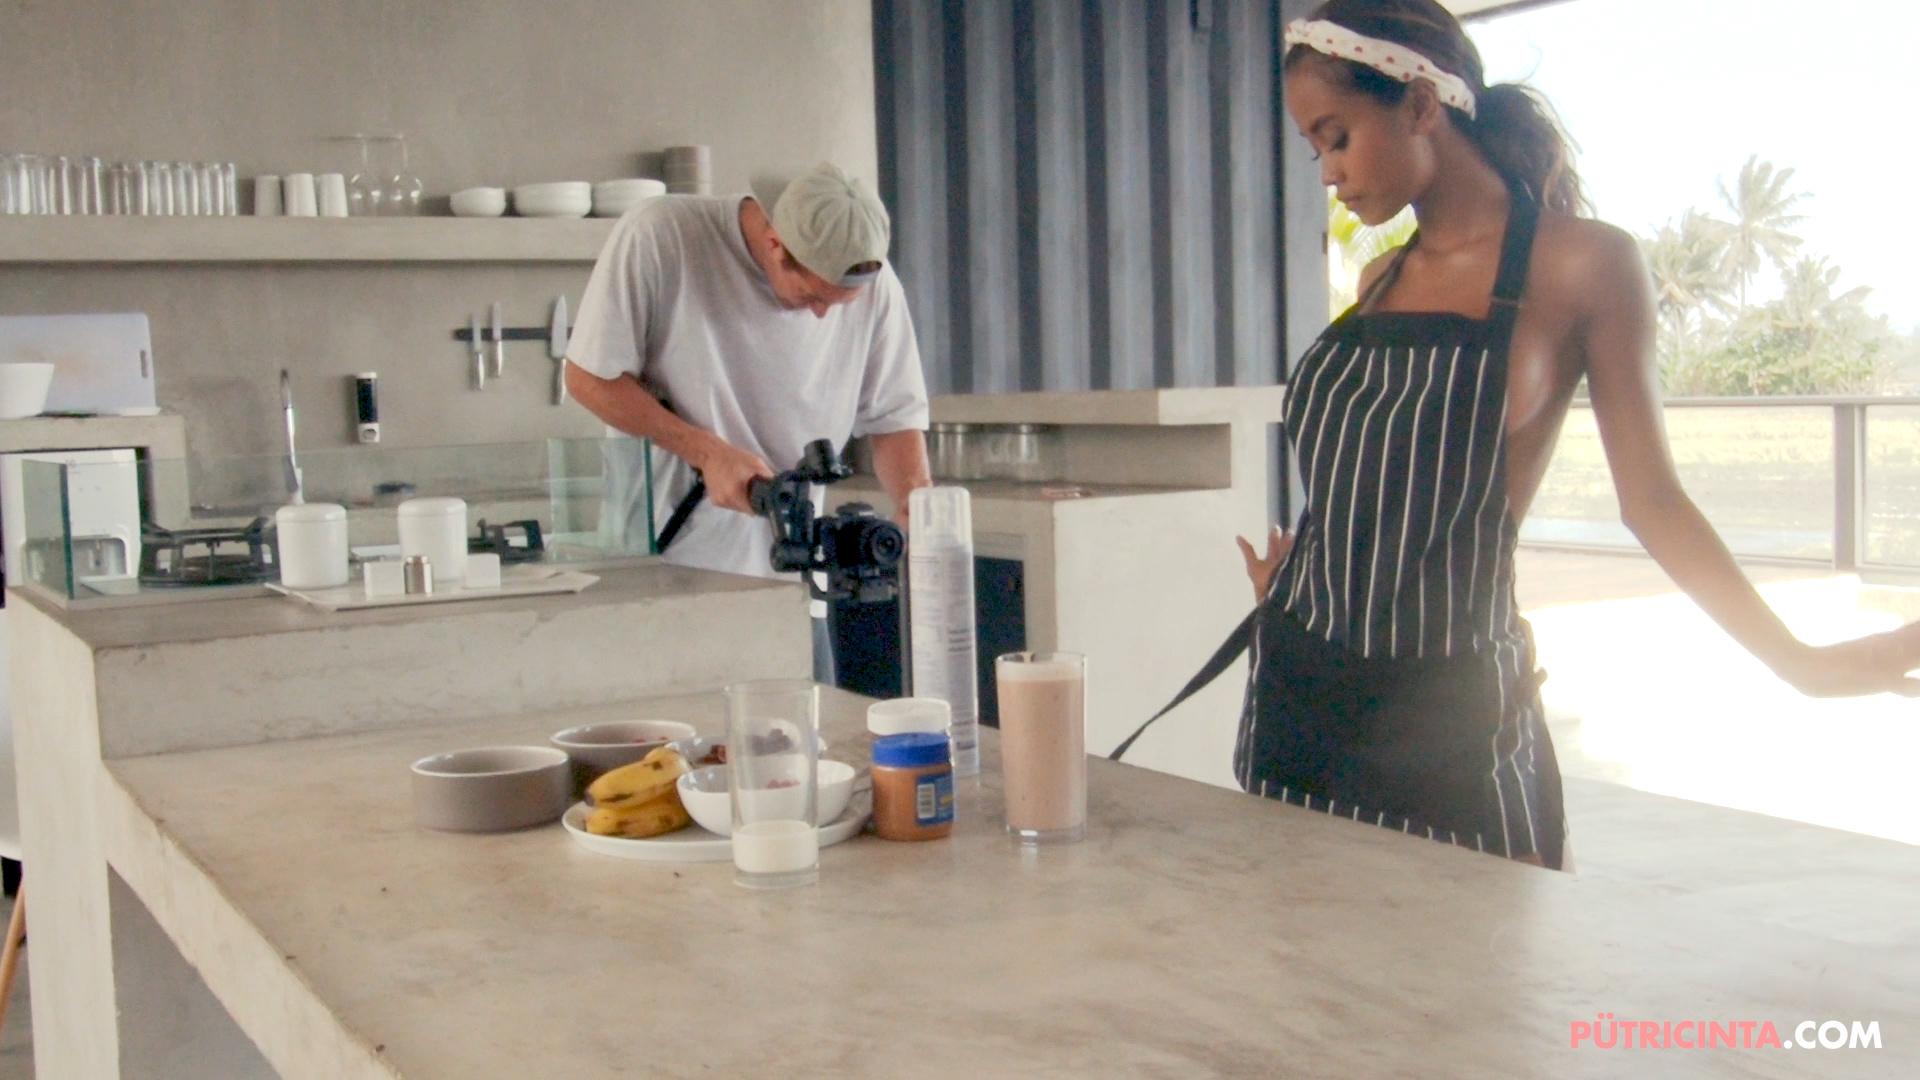 028-Putri-Cinta-Cooking-Class-bts-stills-22.jpg